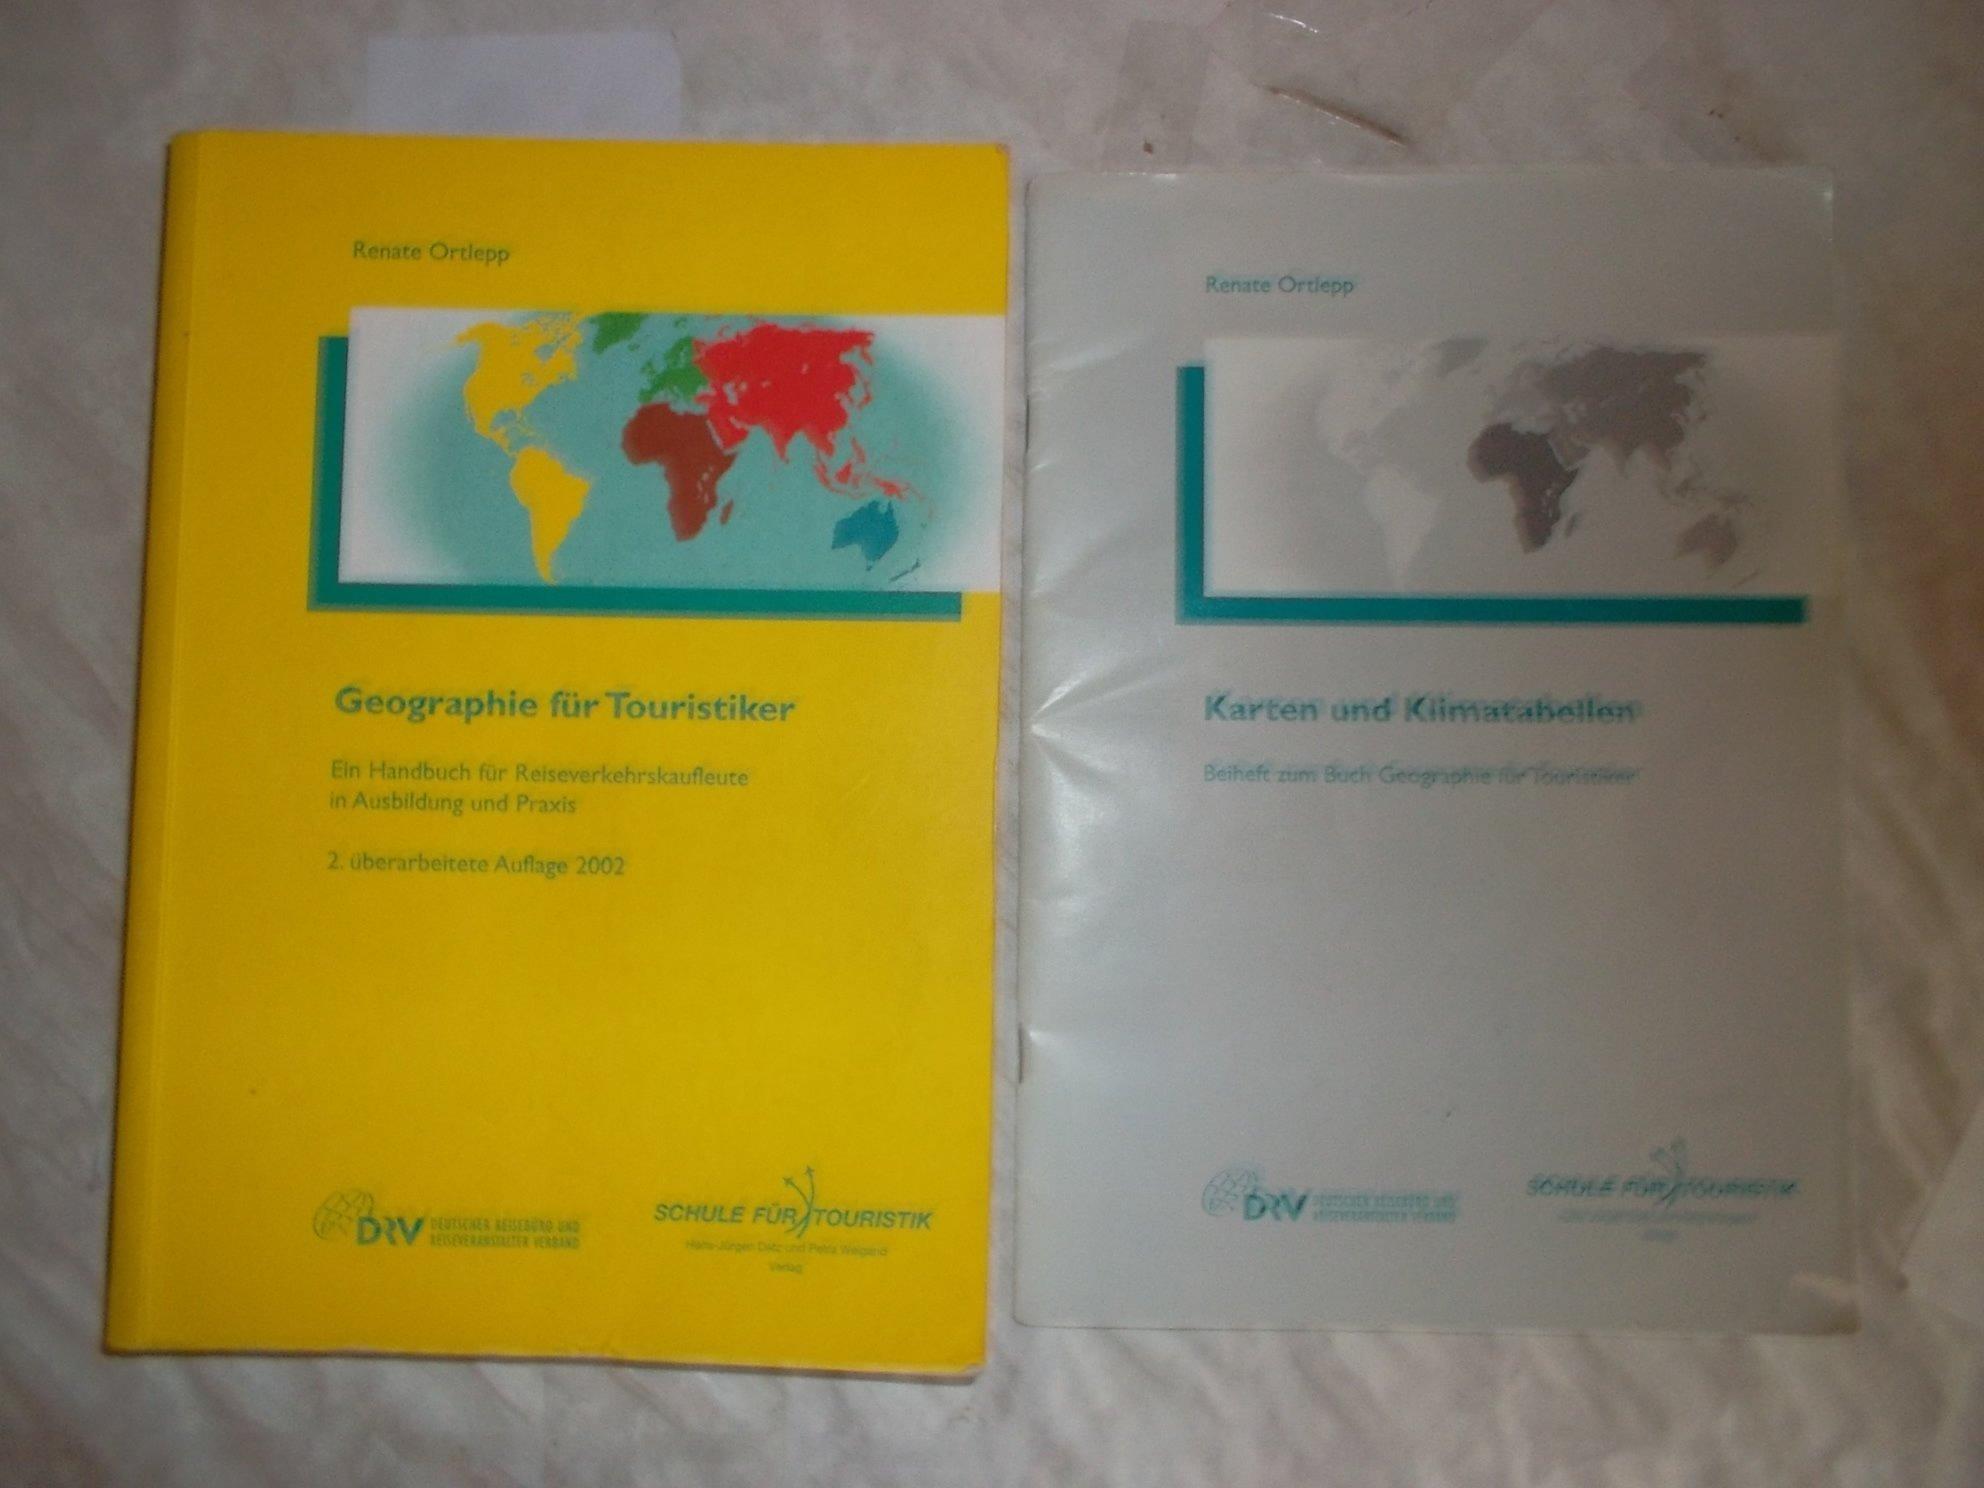 Geographie für Touristiker: Ein Handbuch für Reiseverkehrskaufleute in Ausbildung und Praxis